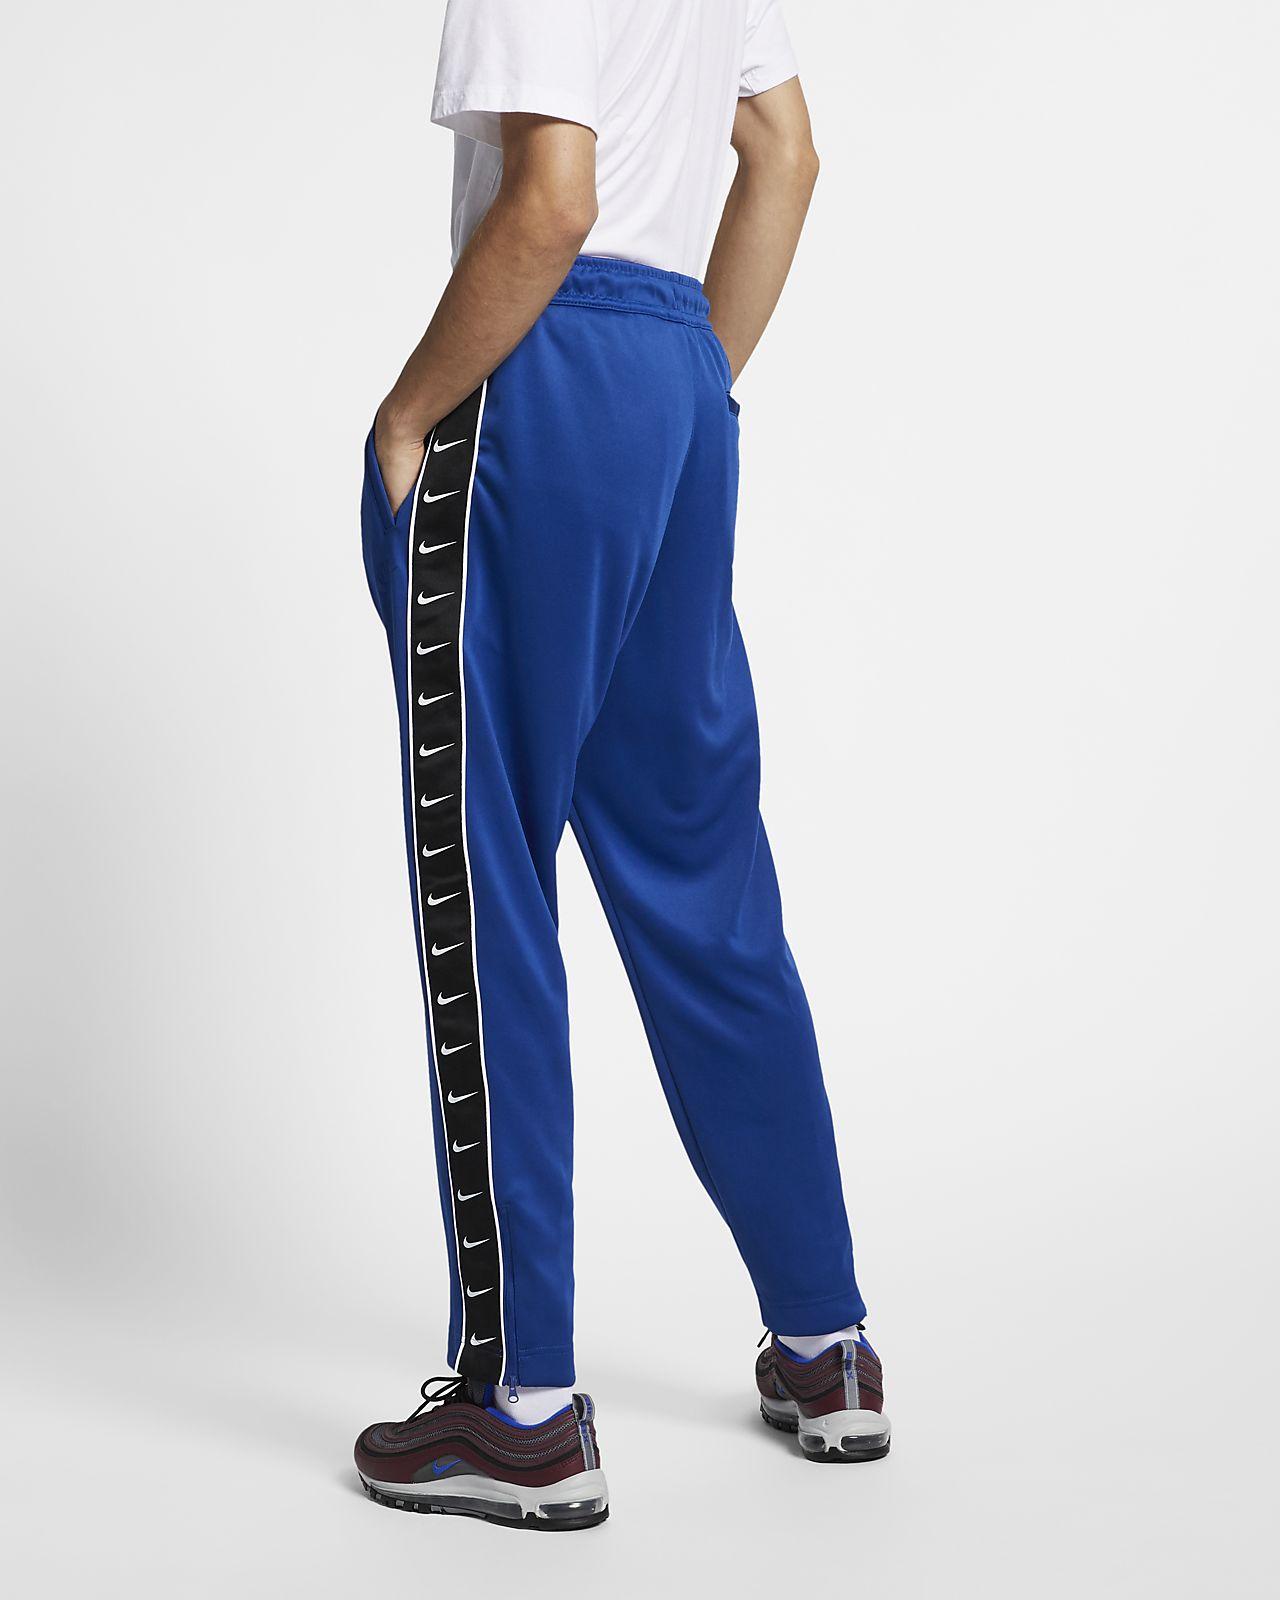 b15753f7d5 Nike Sportswear Men's Pants